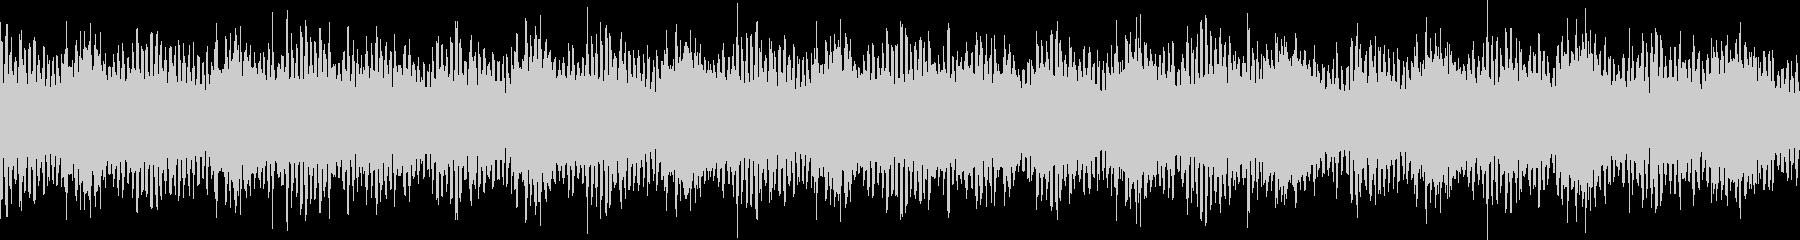 透明感のあるキラキラとしたループ音源の未再生の波形